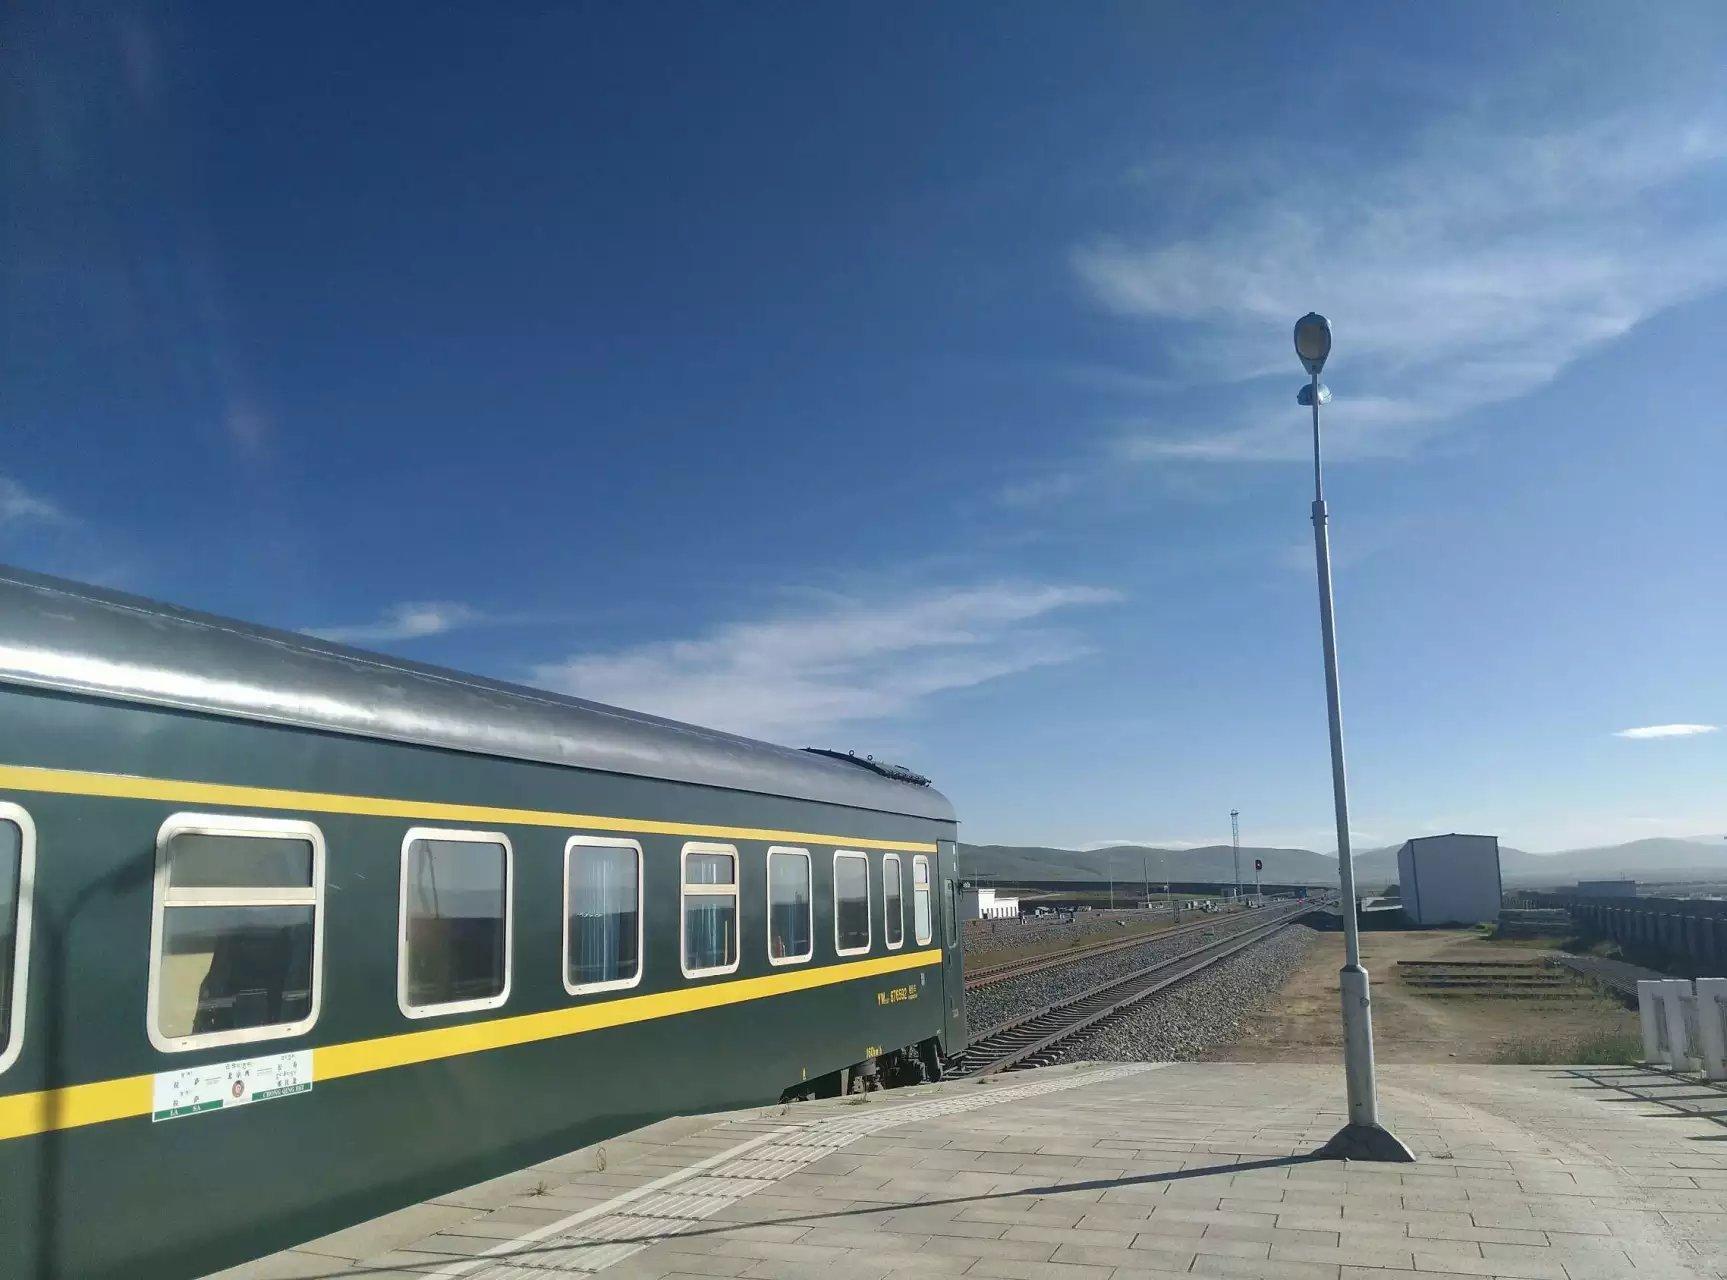 [27P][一路向西,坐上火車去西藏] - 六維空間